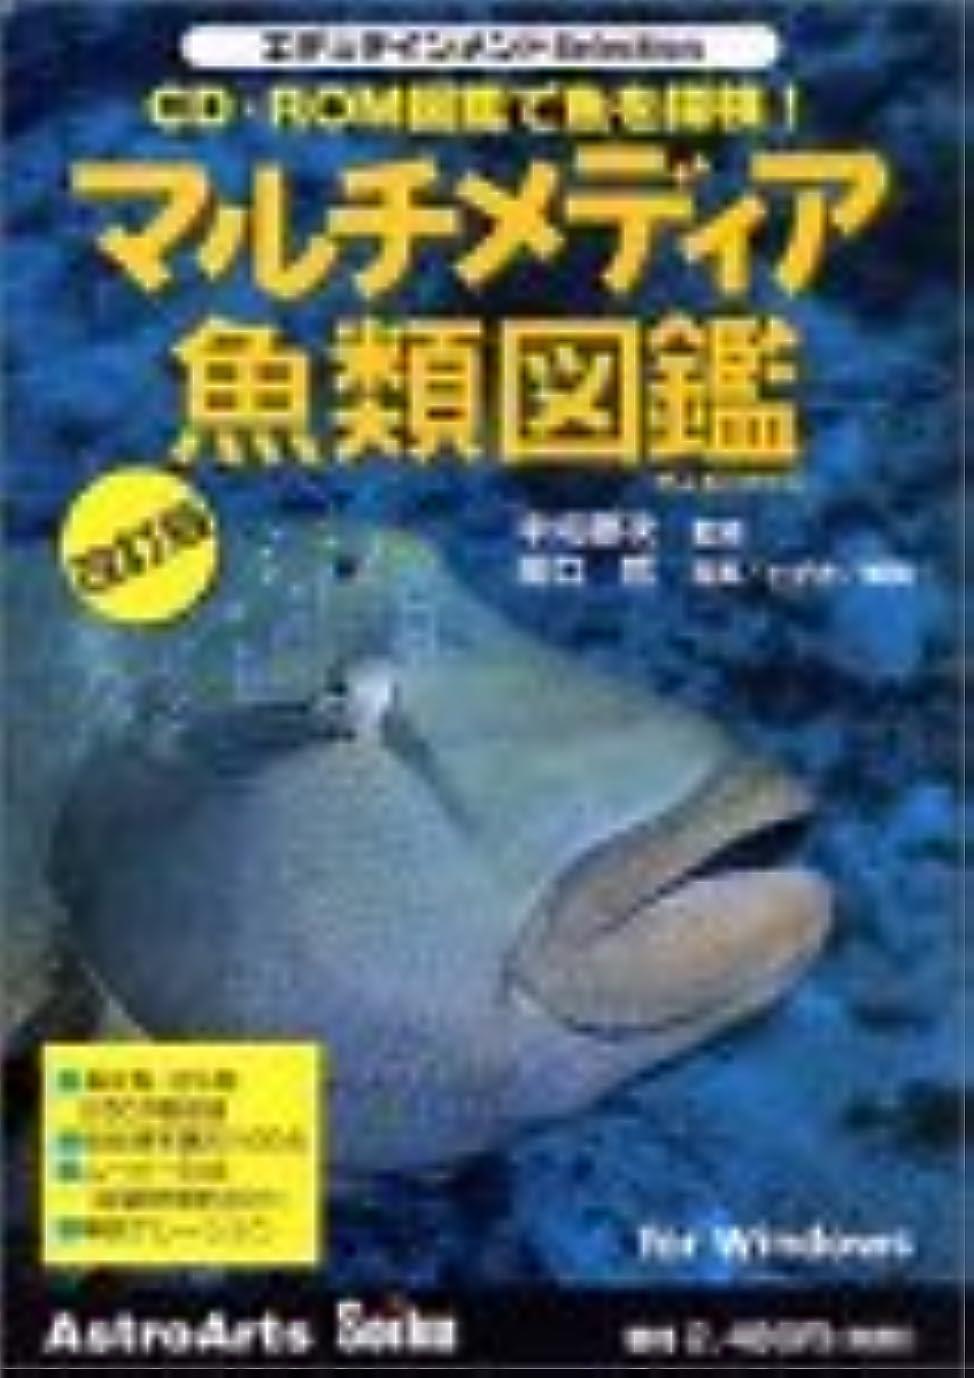 パスステートメント中間エデュテインメントSelection マルチメディア魚類図鑑改訂版